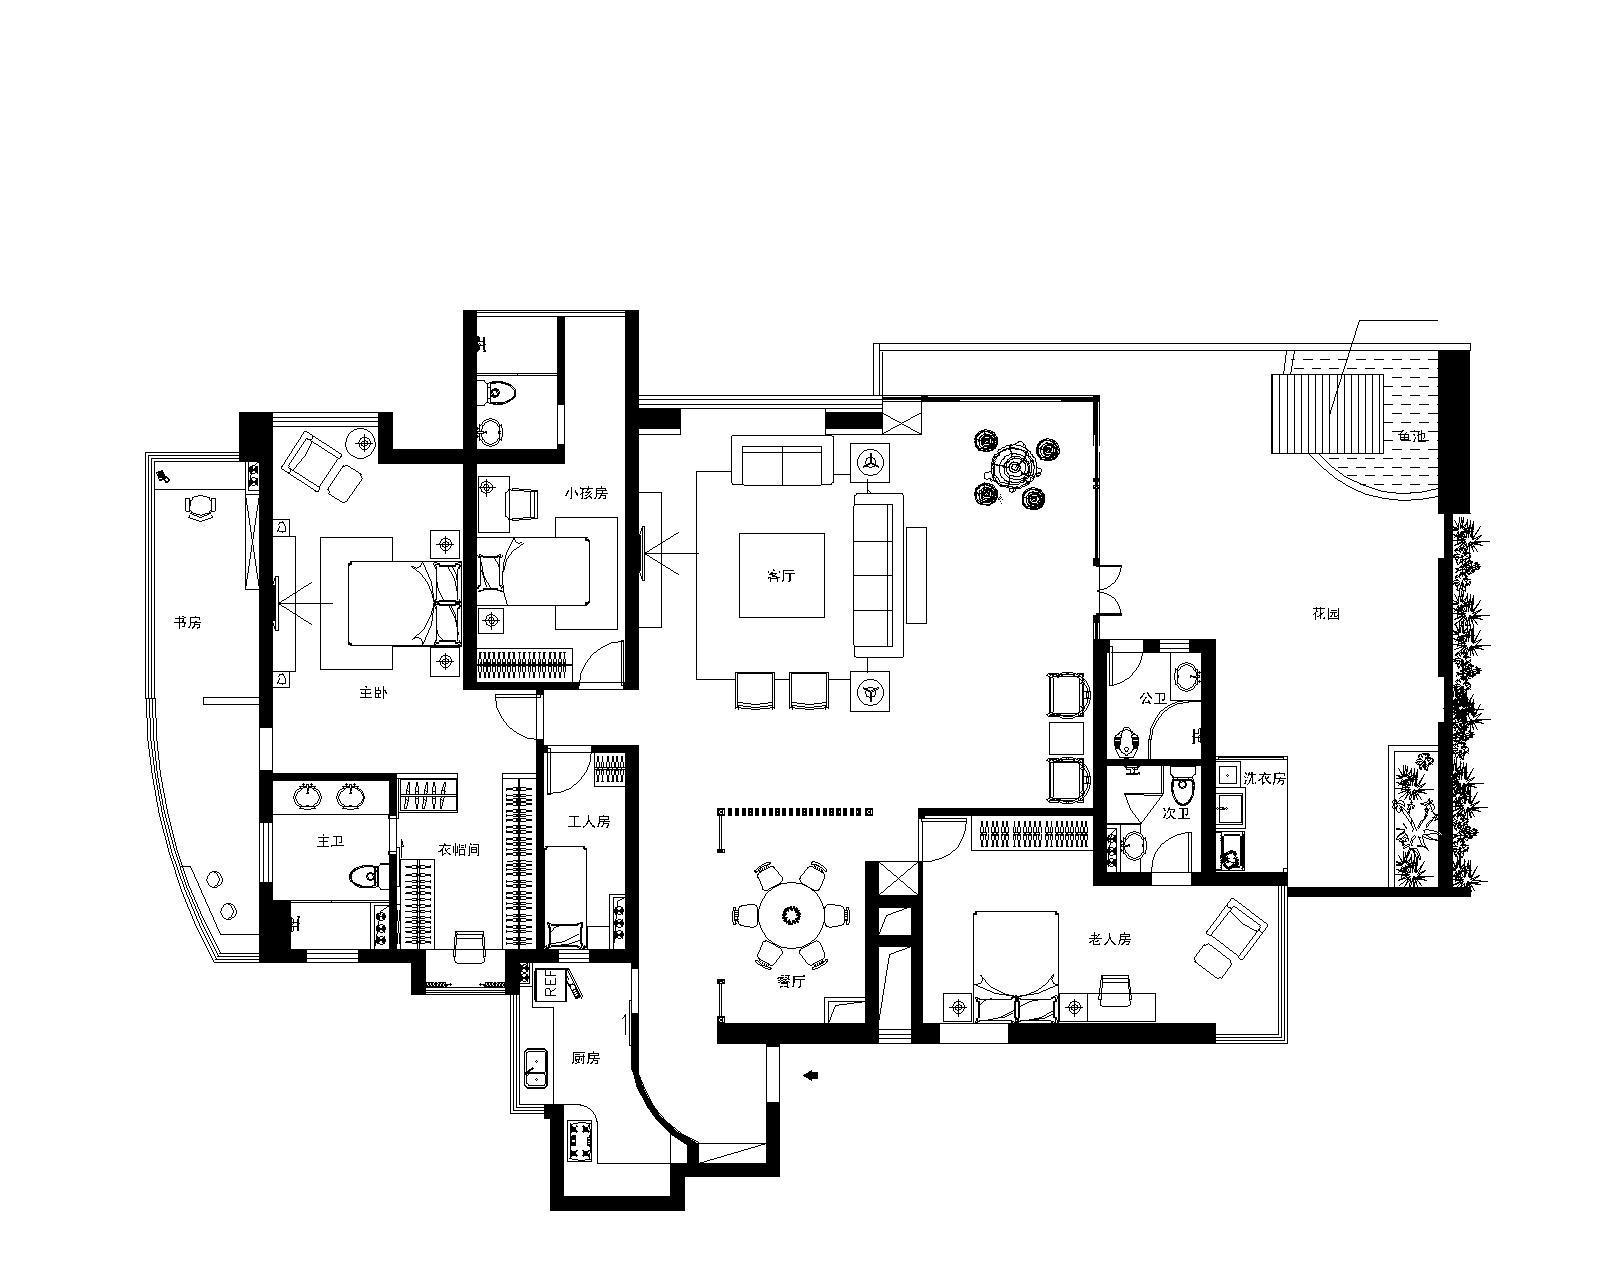 西关逢源花园-平面家具布置图